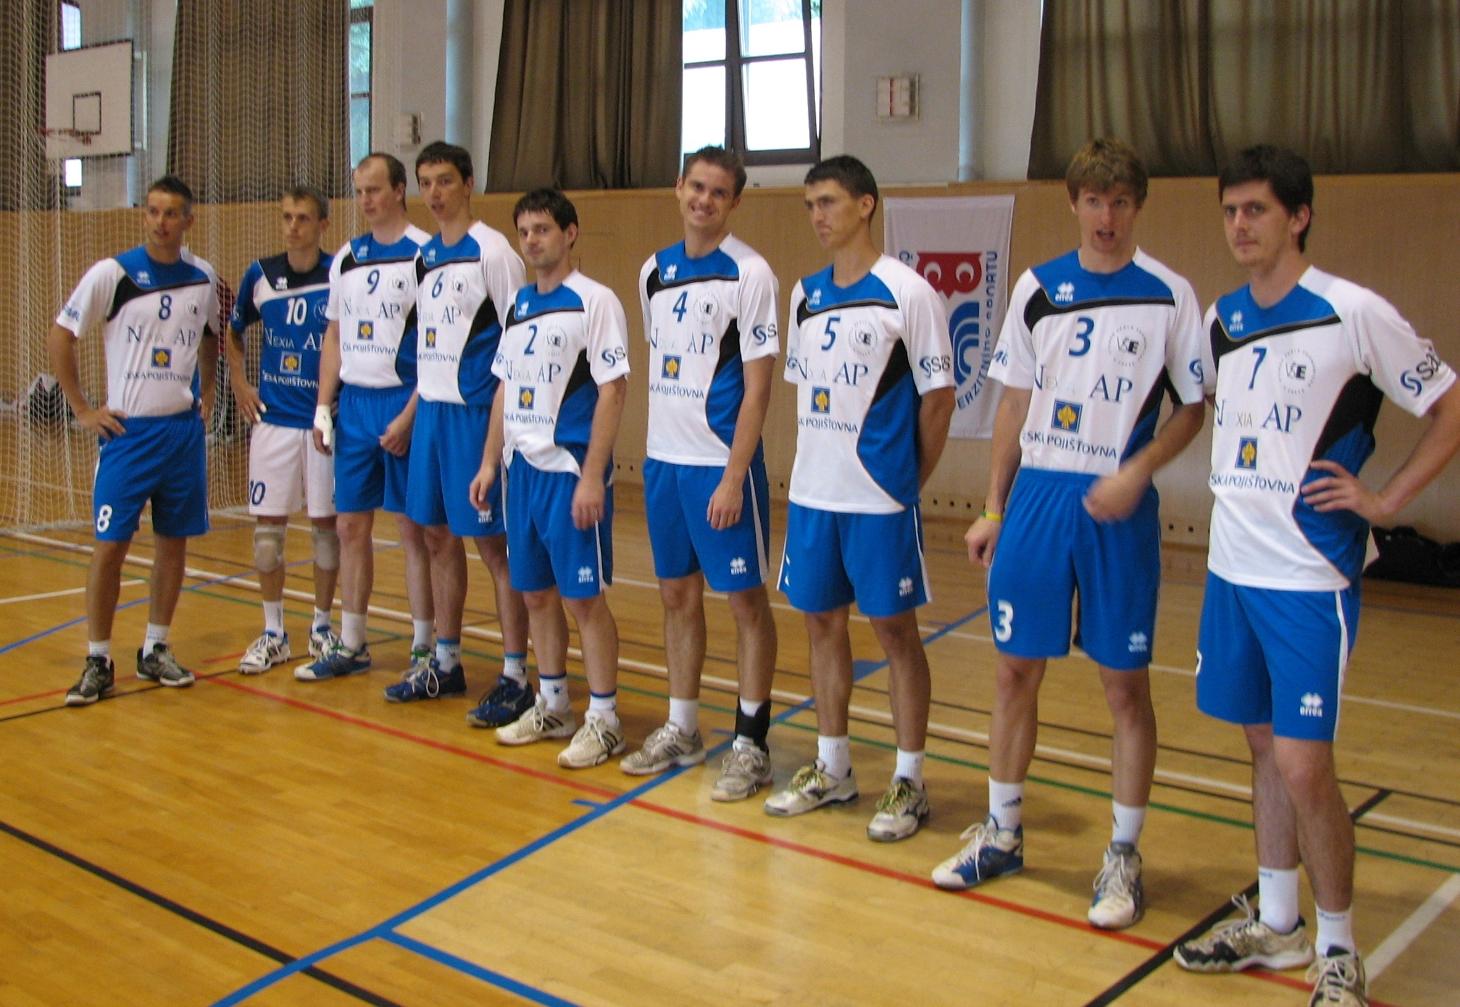 Reprezentační tým studentů volejbalistů na Českých akademických hrách 2012